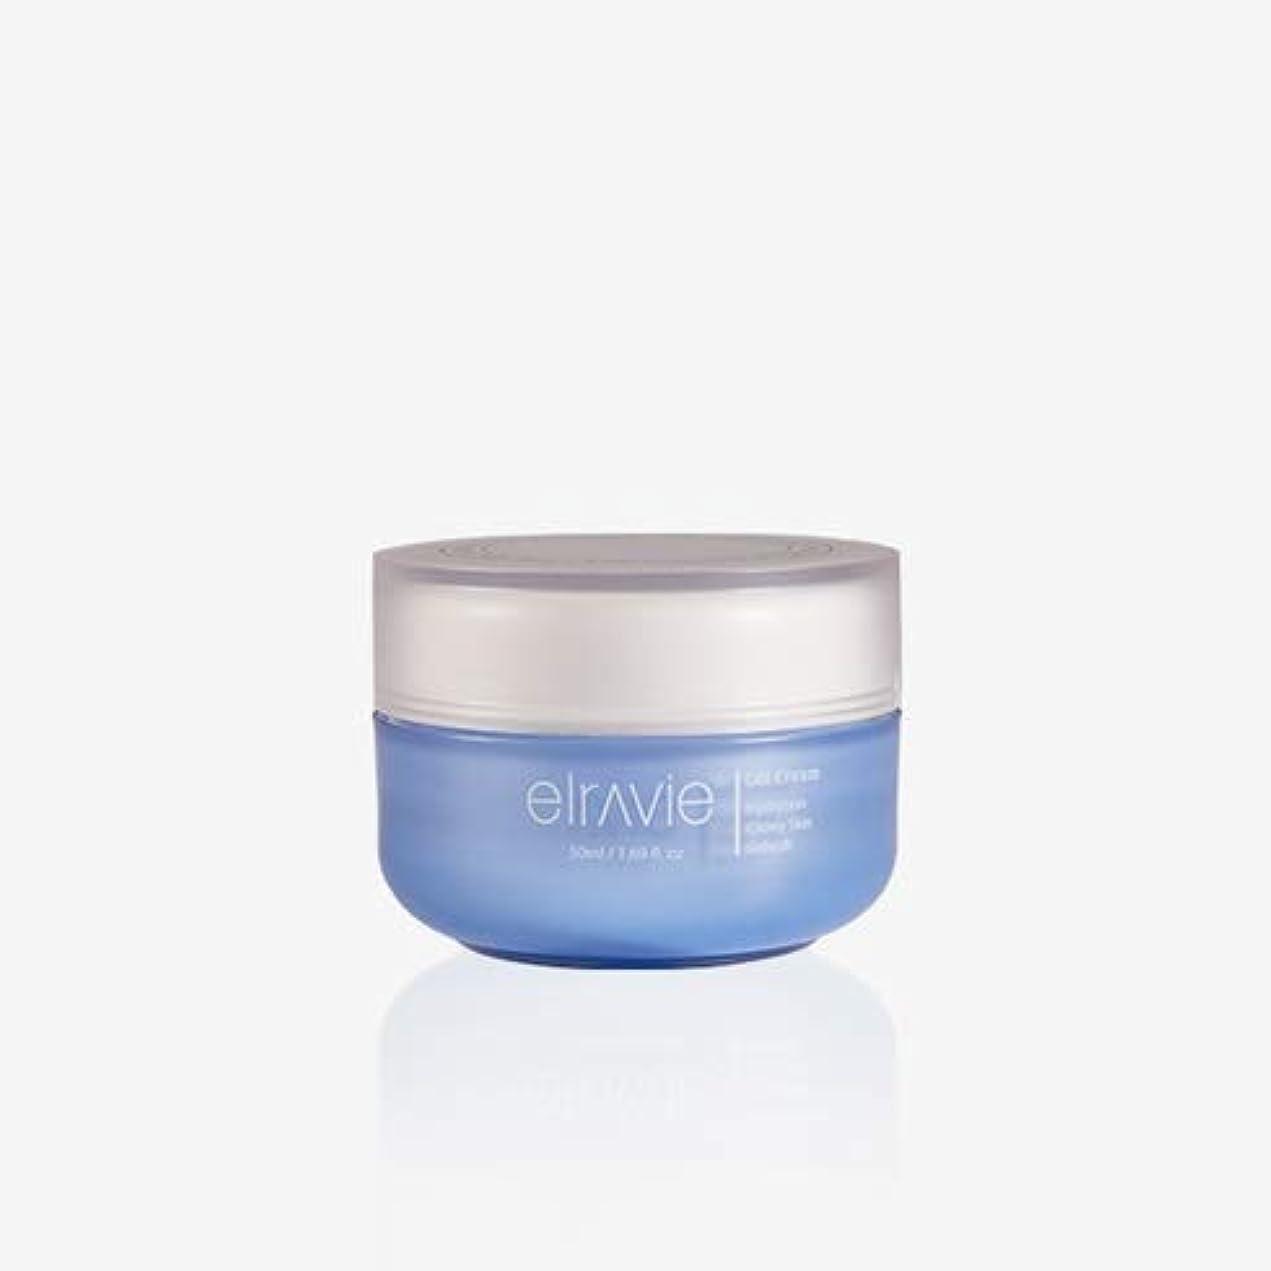 自体探偵ラウズエラヴィー[Elravie] ダーマハイドロエクステンデッドハイジェルクリーム50ml / Derma Hydro Extended Hyal Gel Cream